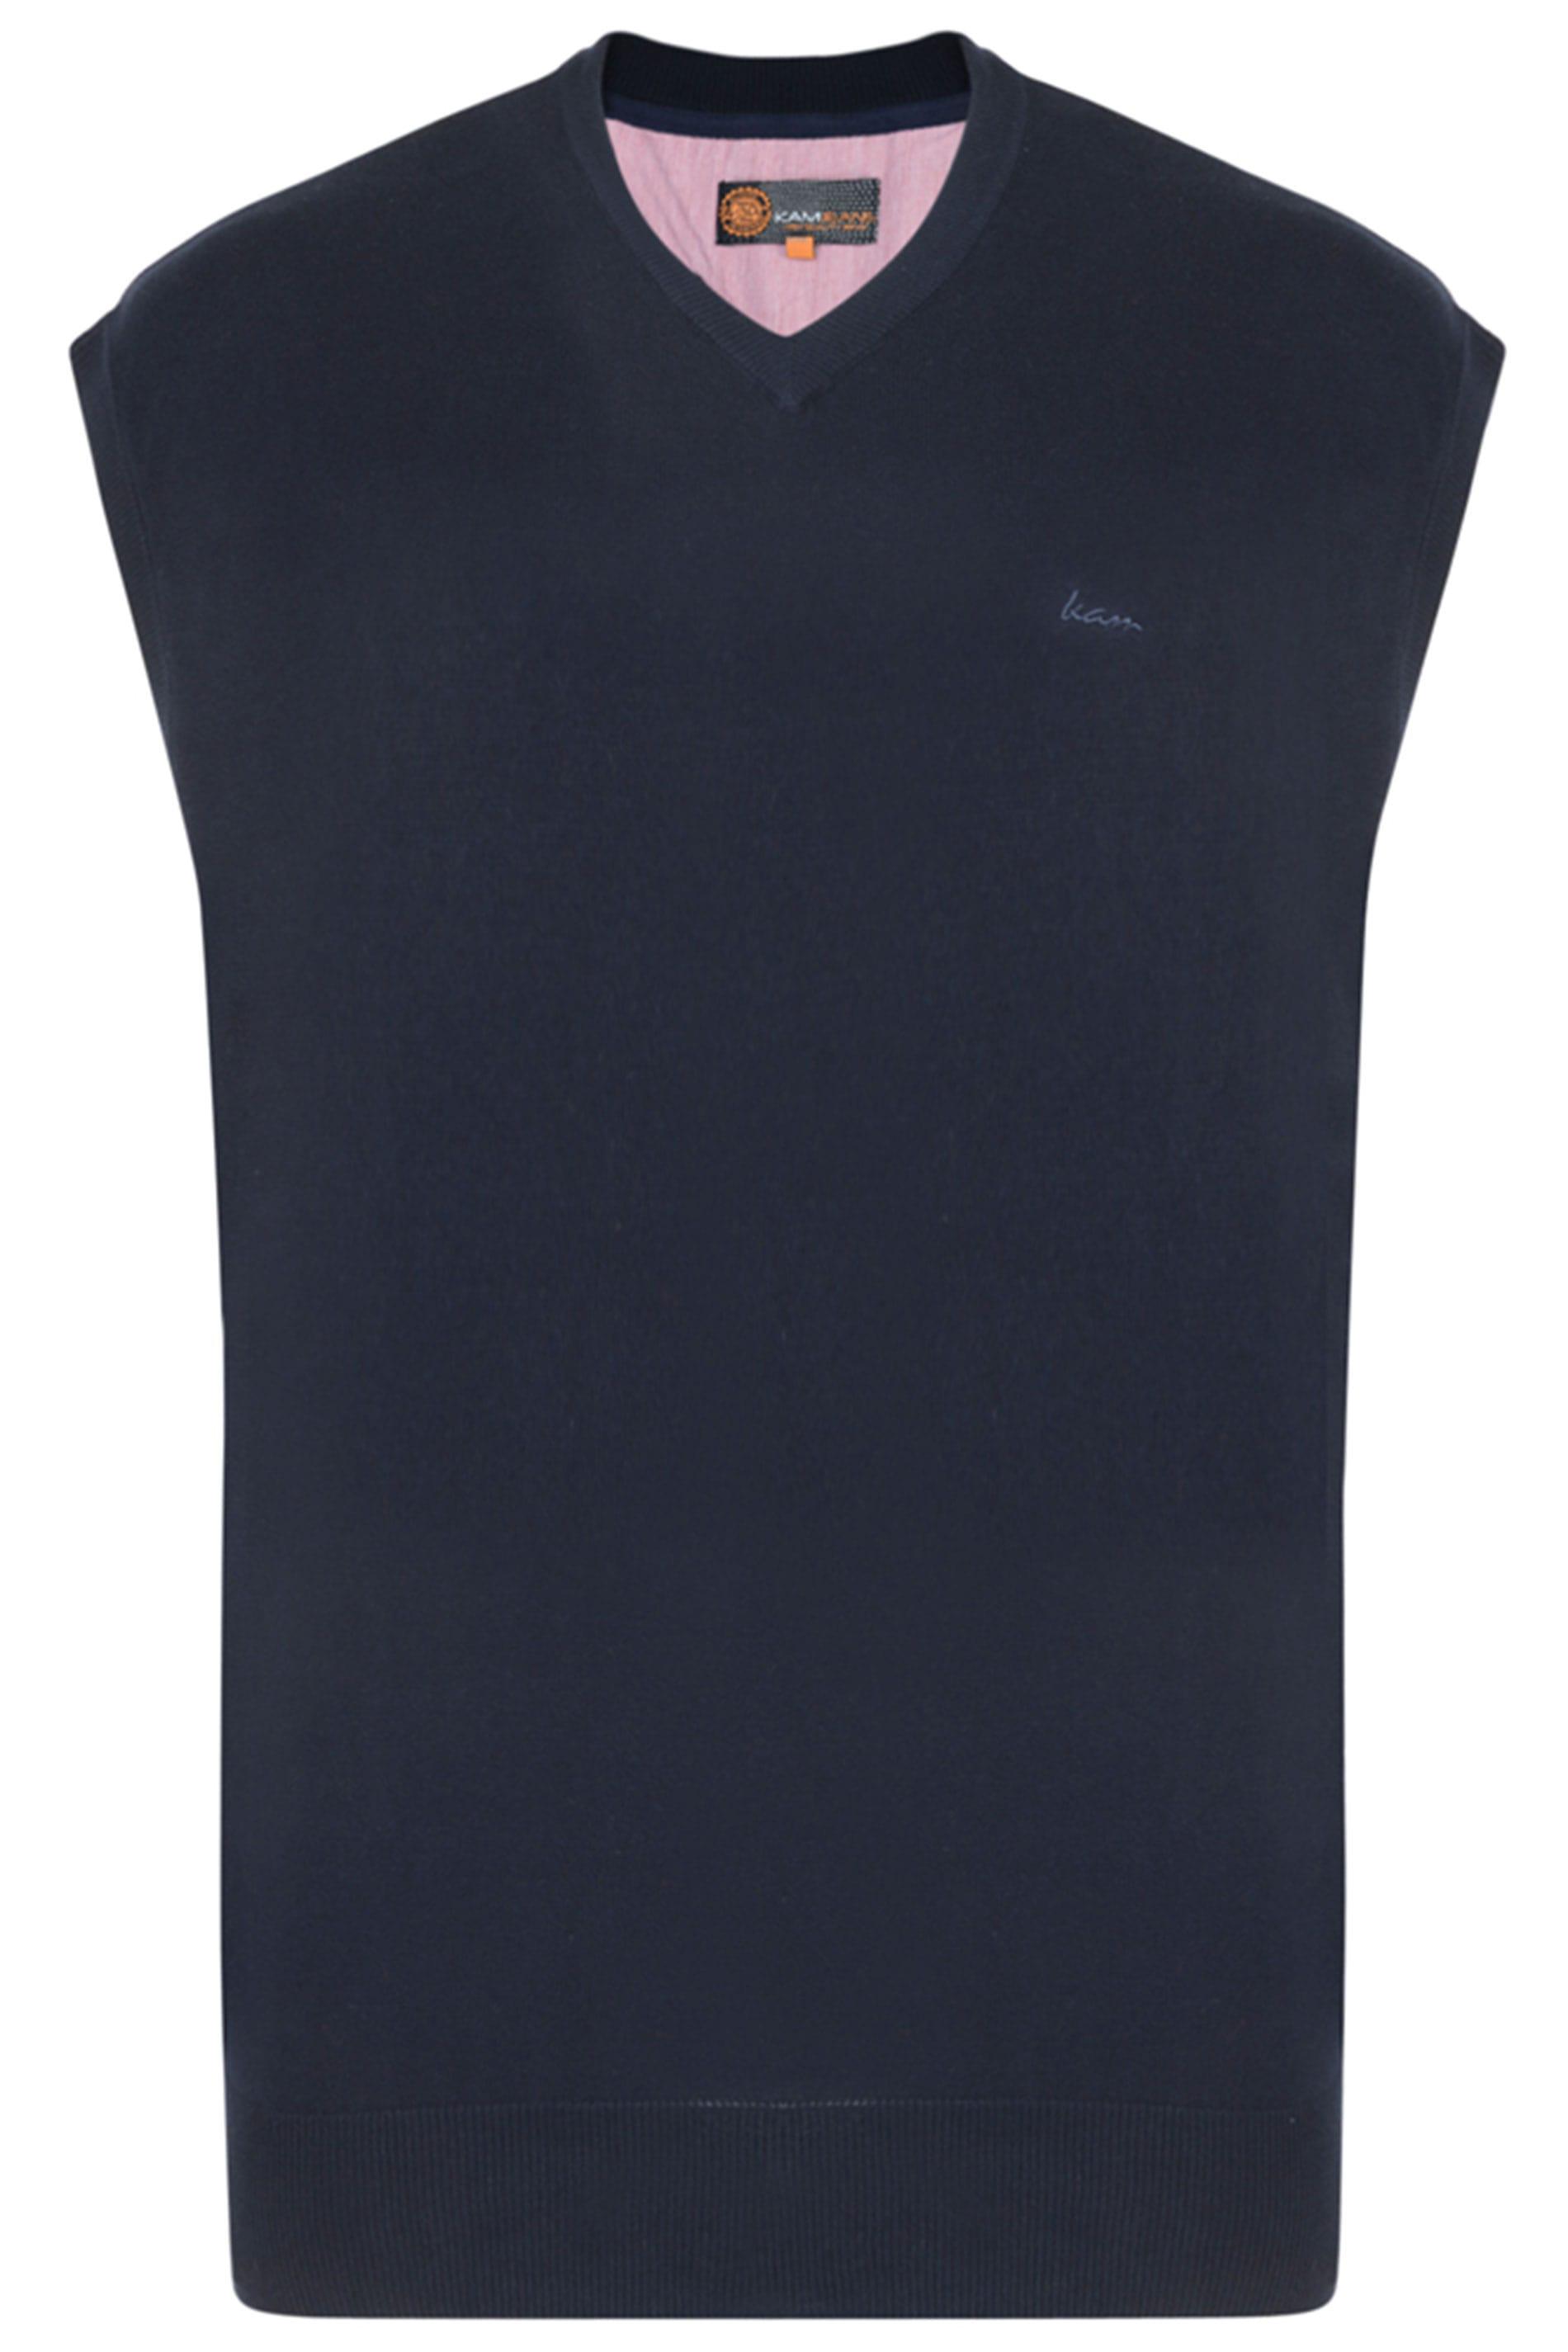 KAM Navy Sleeveless Knitted Jumper